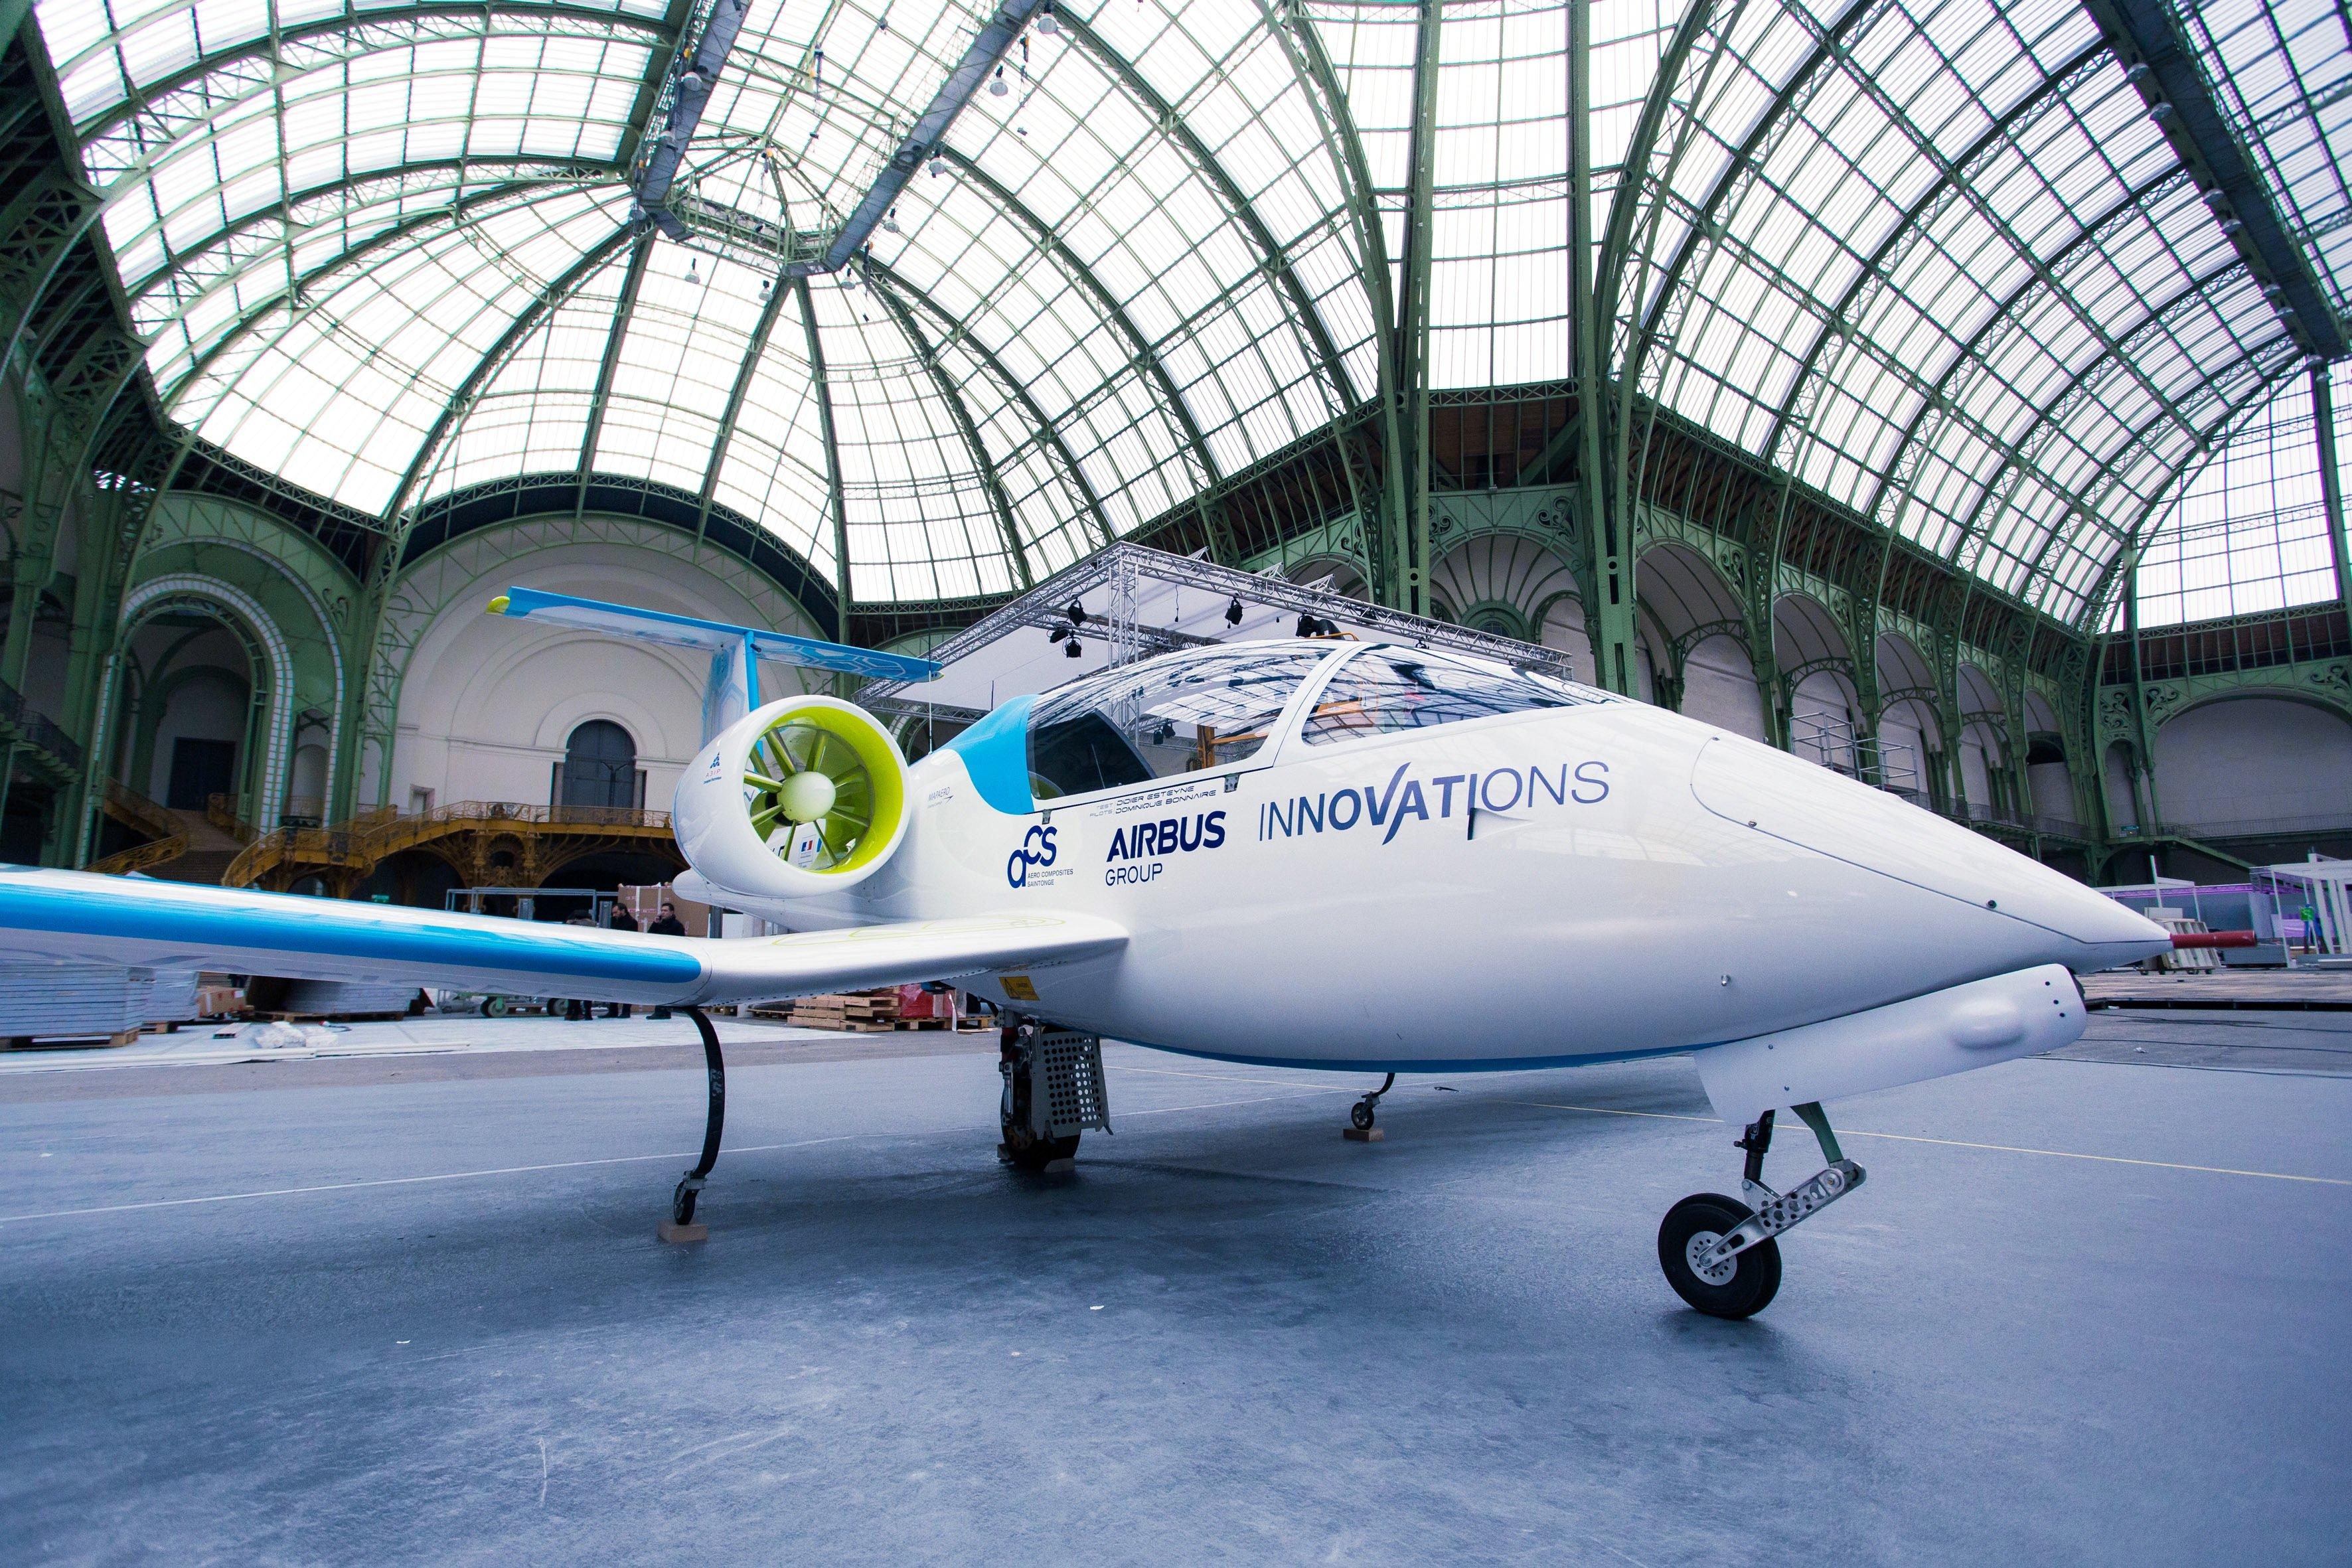 Die E-Fan von Airbus im Grand Palais in Paris: Am 10. Juli hebt das Flugzeug zum ersten Flug eines Elektroflugzeuges über den Ärmelkanal ab.